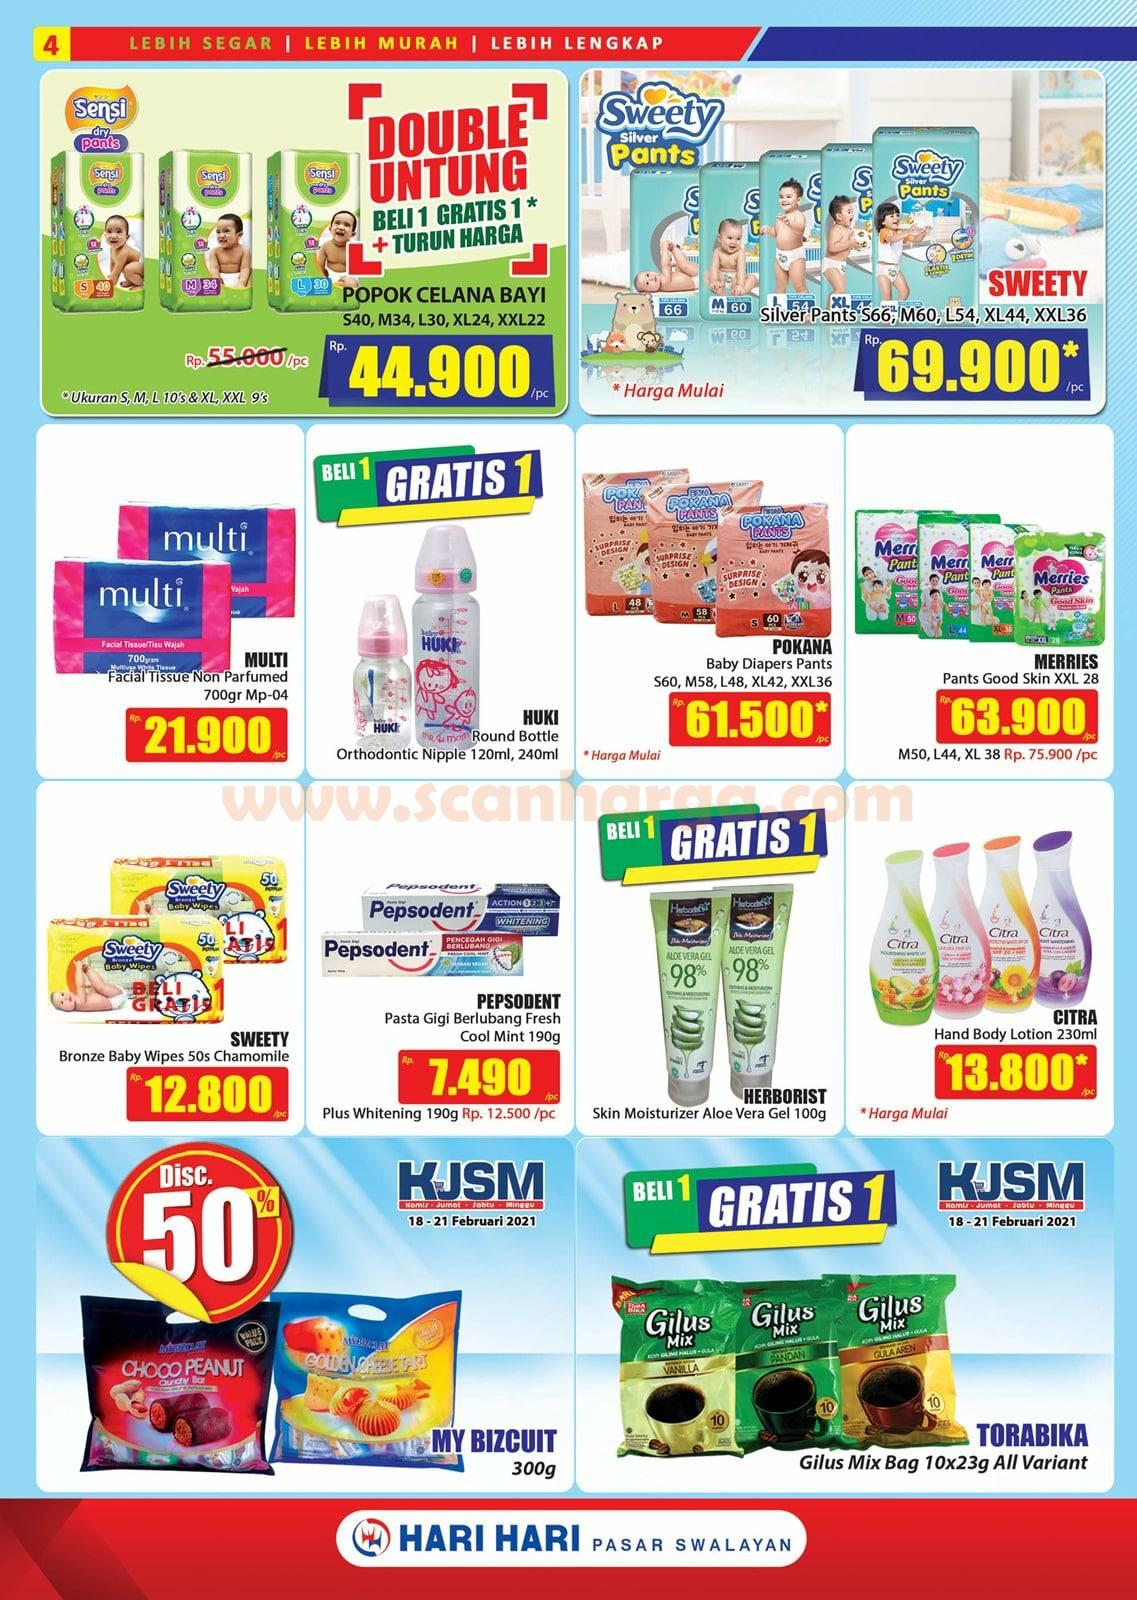 Katalog Promo Hari Hari Pasar Swalayan 18 Februari - 3 Maret 2021 4